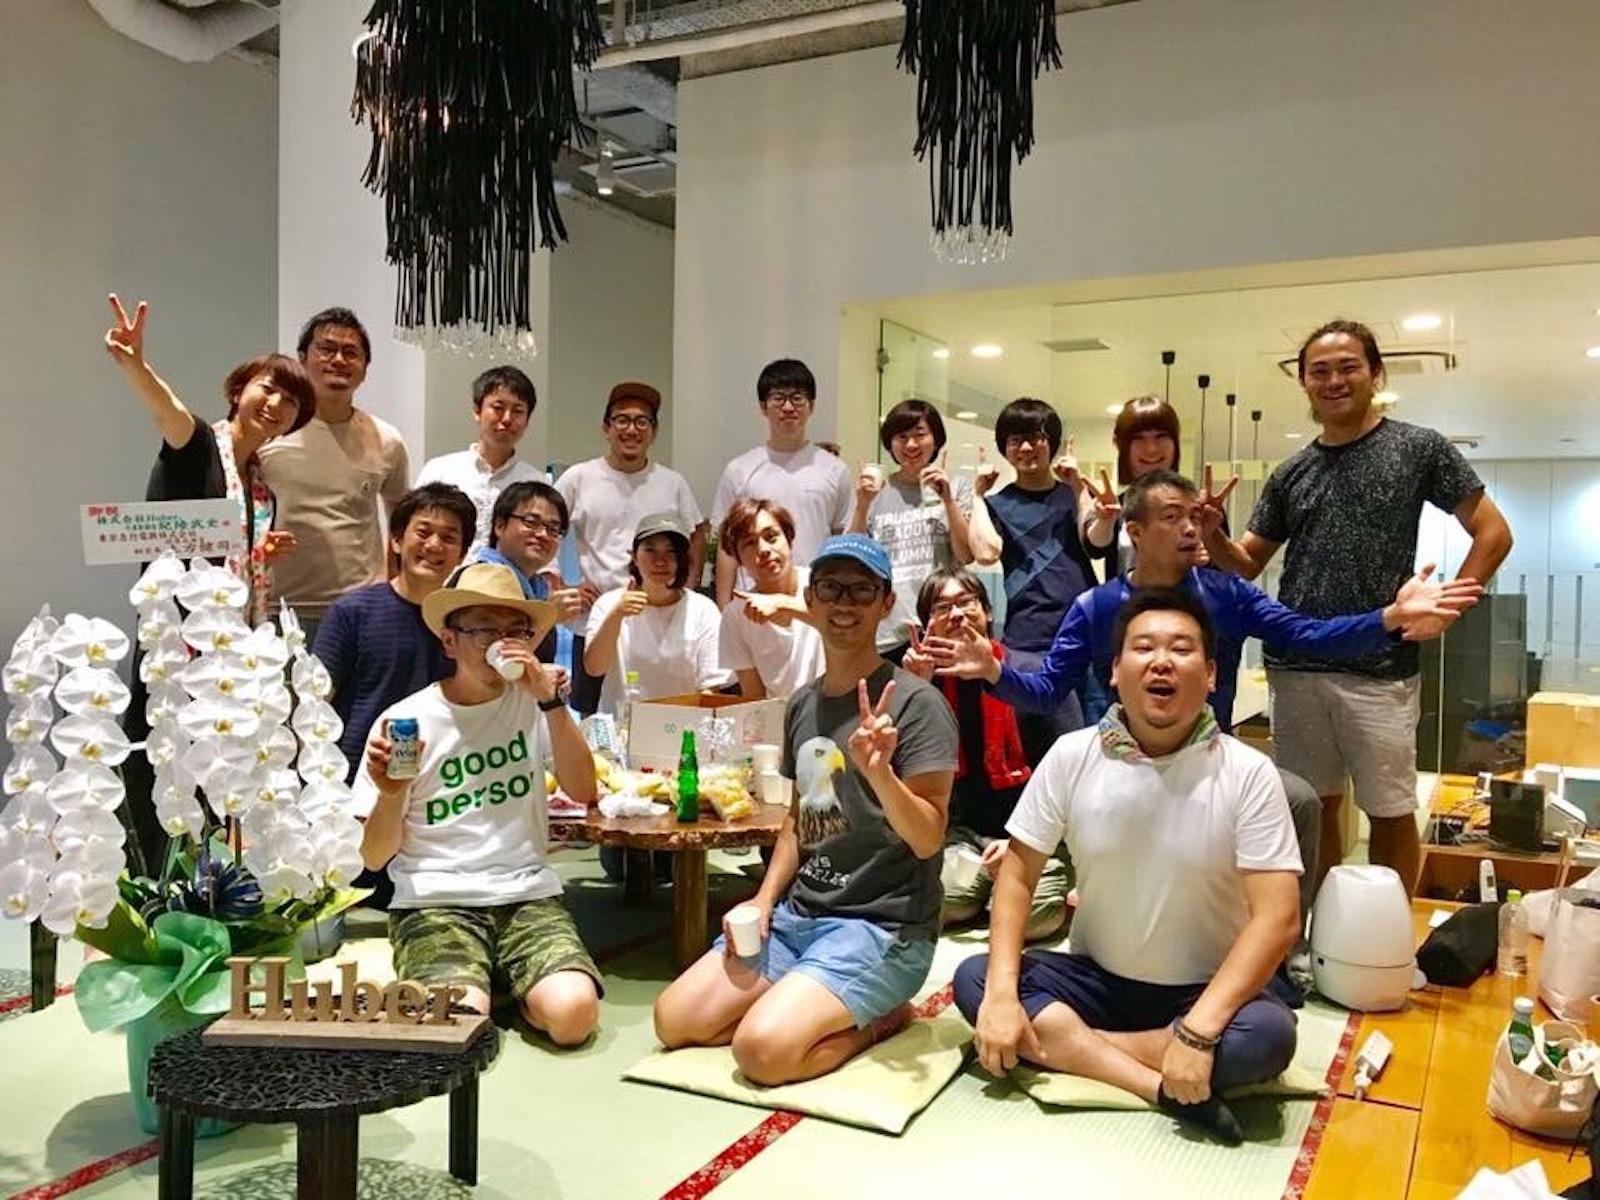 Huber Tomodachi Guide team members